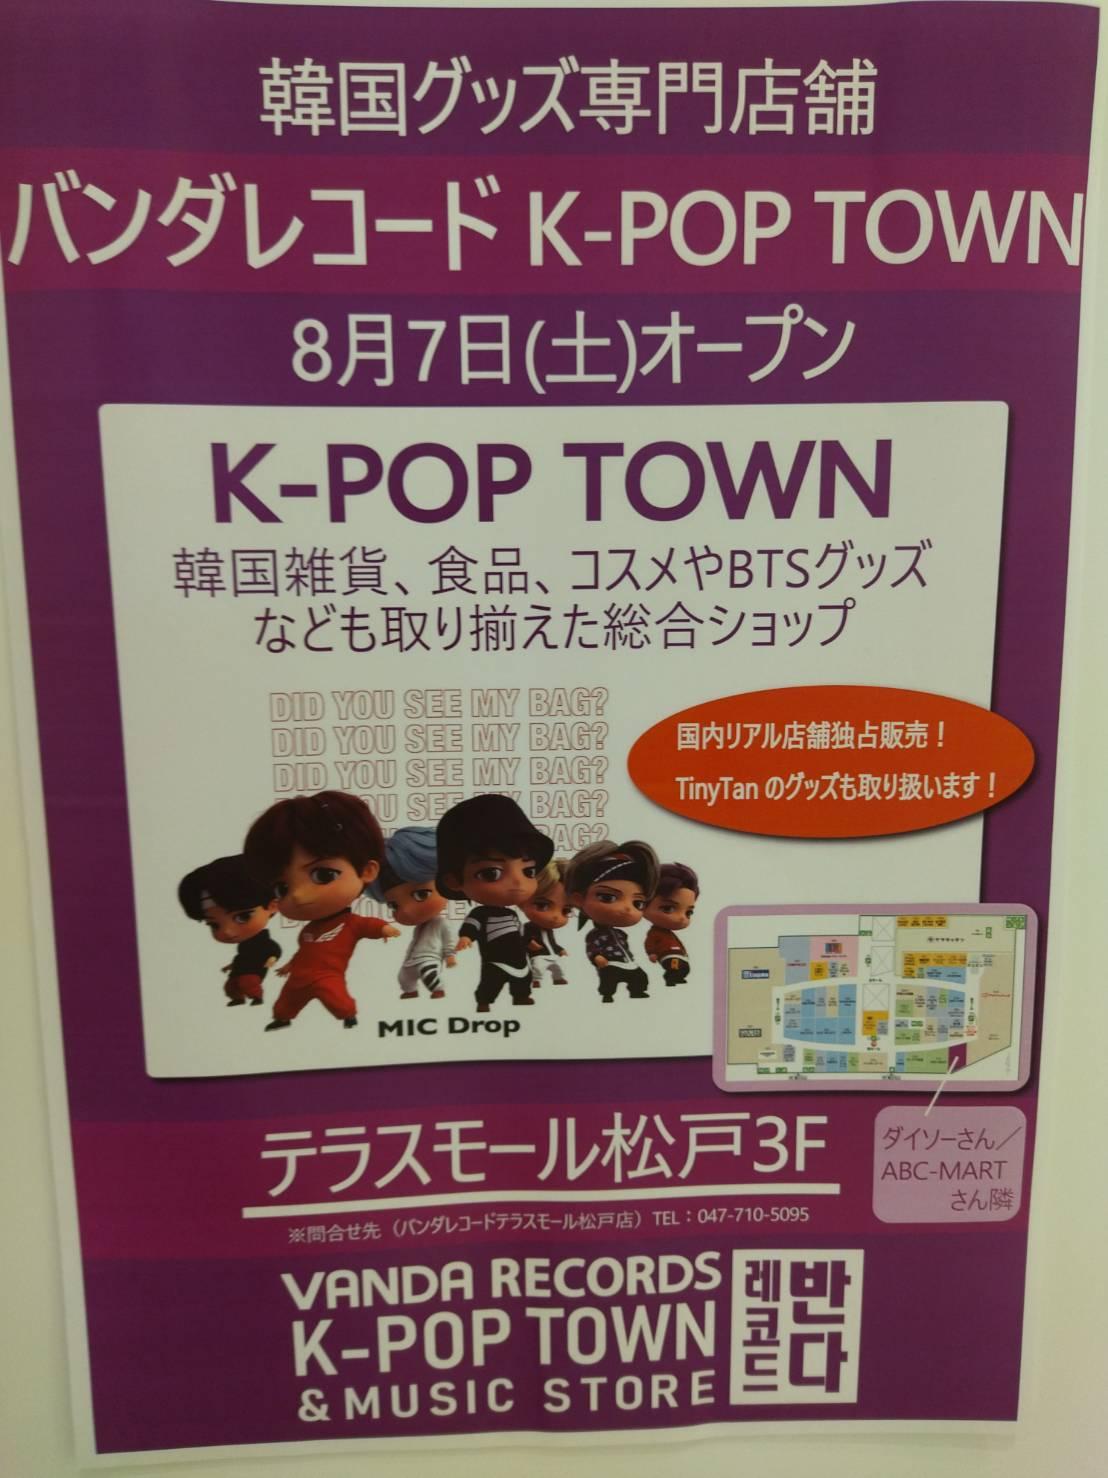 韓国グッズバンダレコードBTSグッズテラスモール松戸店